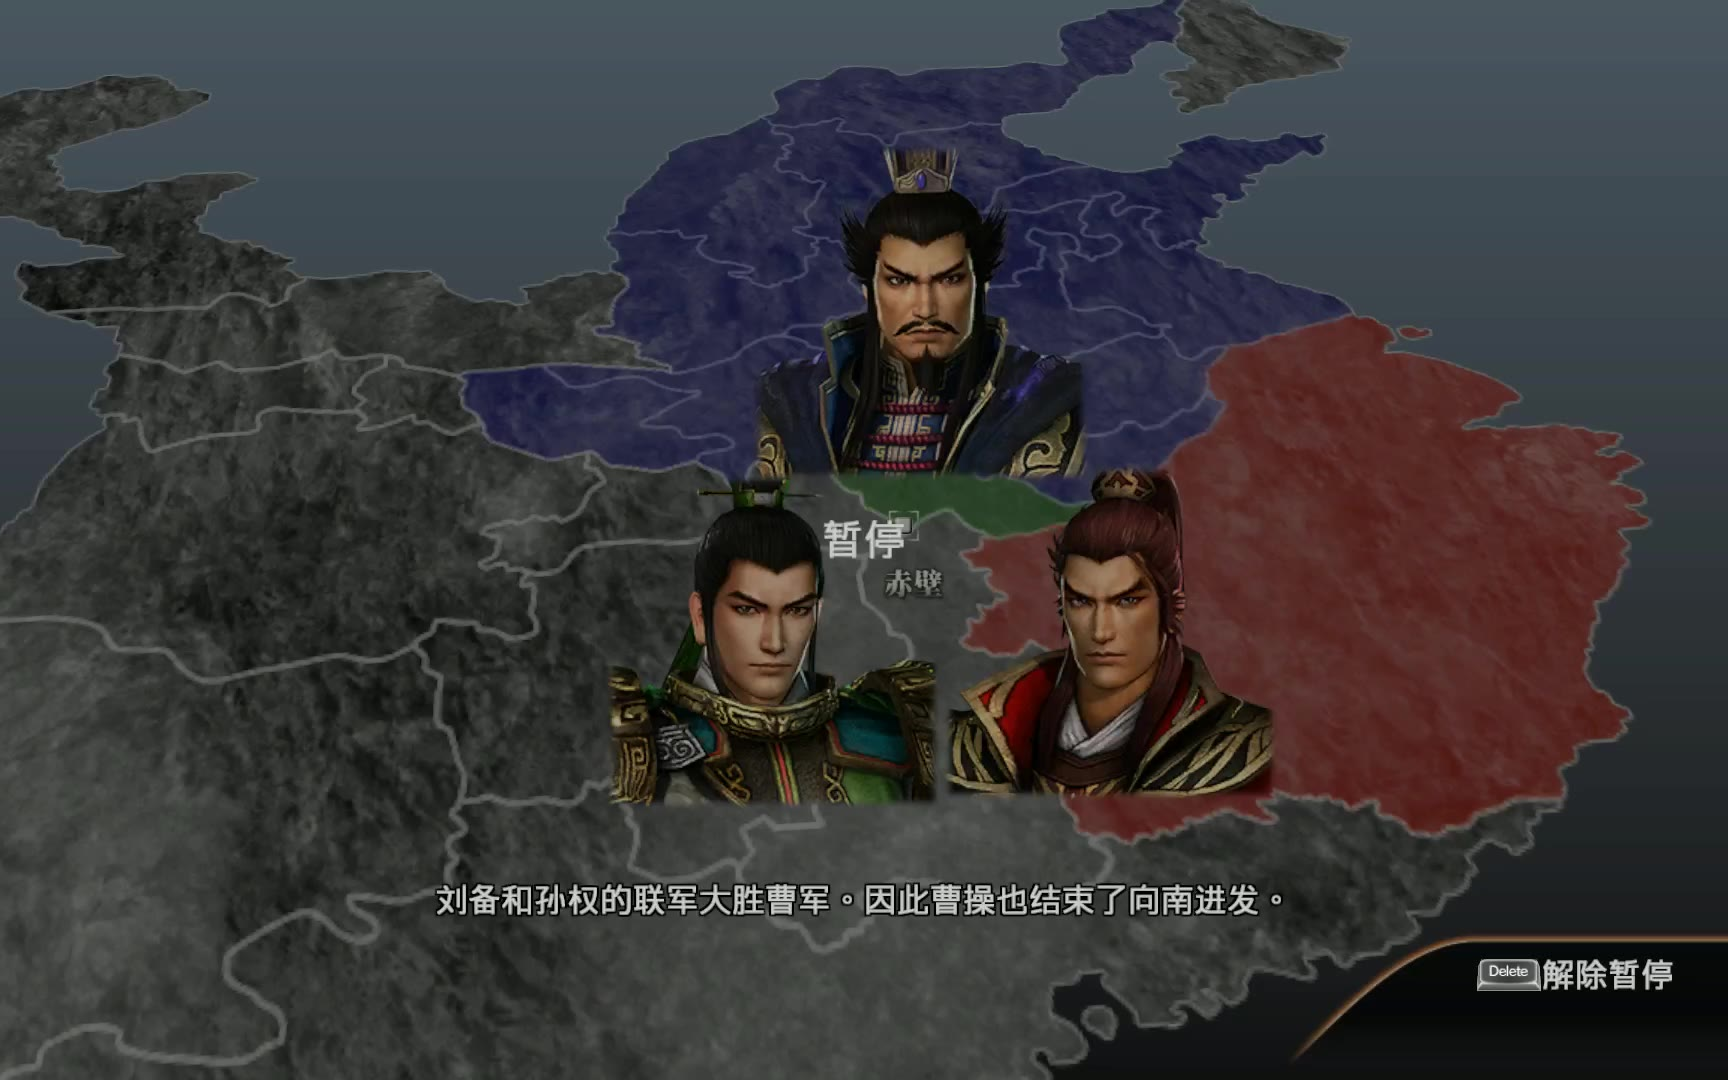 【灵域游戏】真三國無双7 with 猛将伝——蜀传07:成都之战